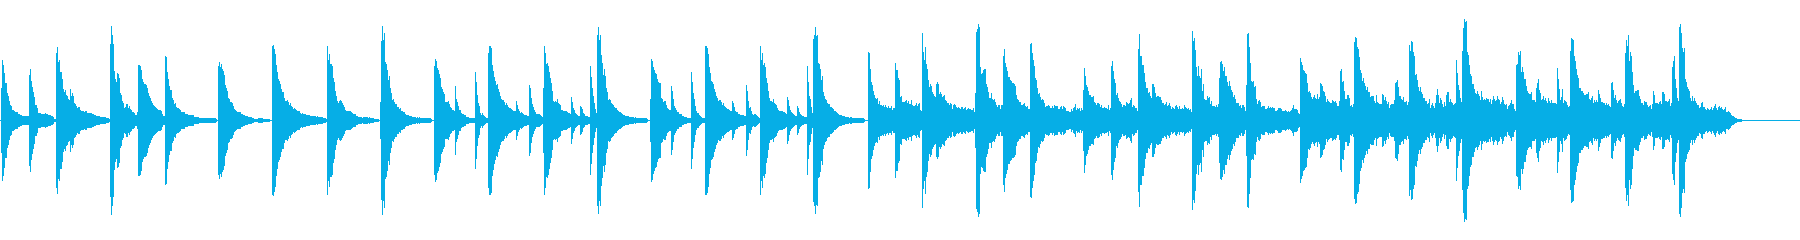 ノスタルジック ピアノ インストの再生済みの波形